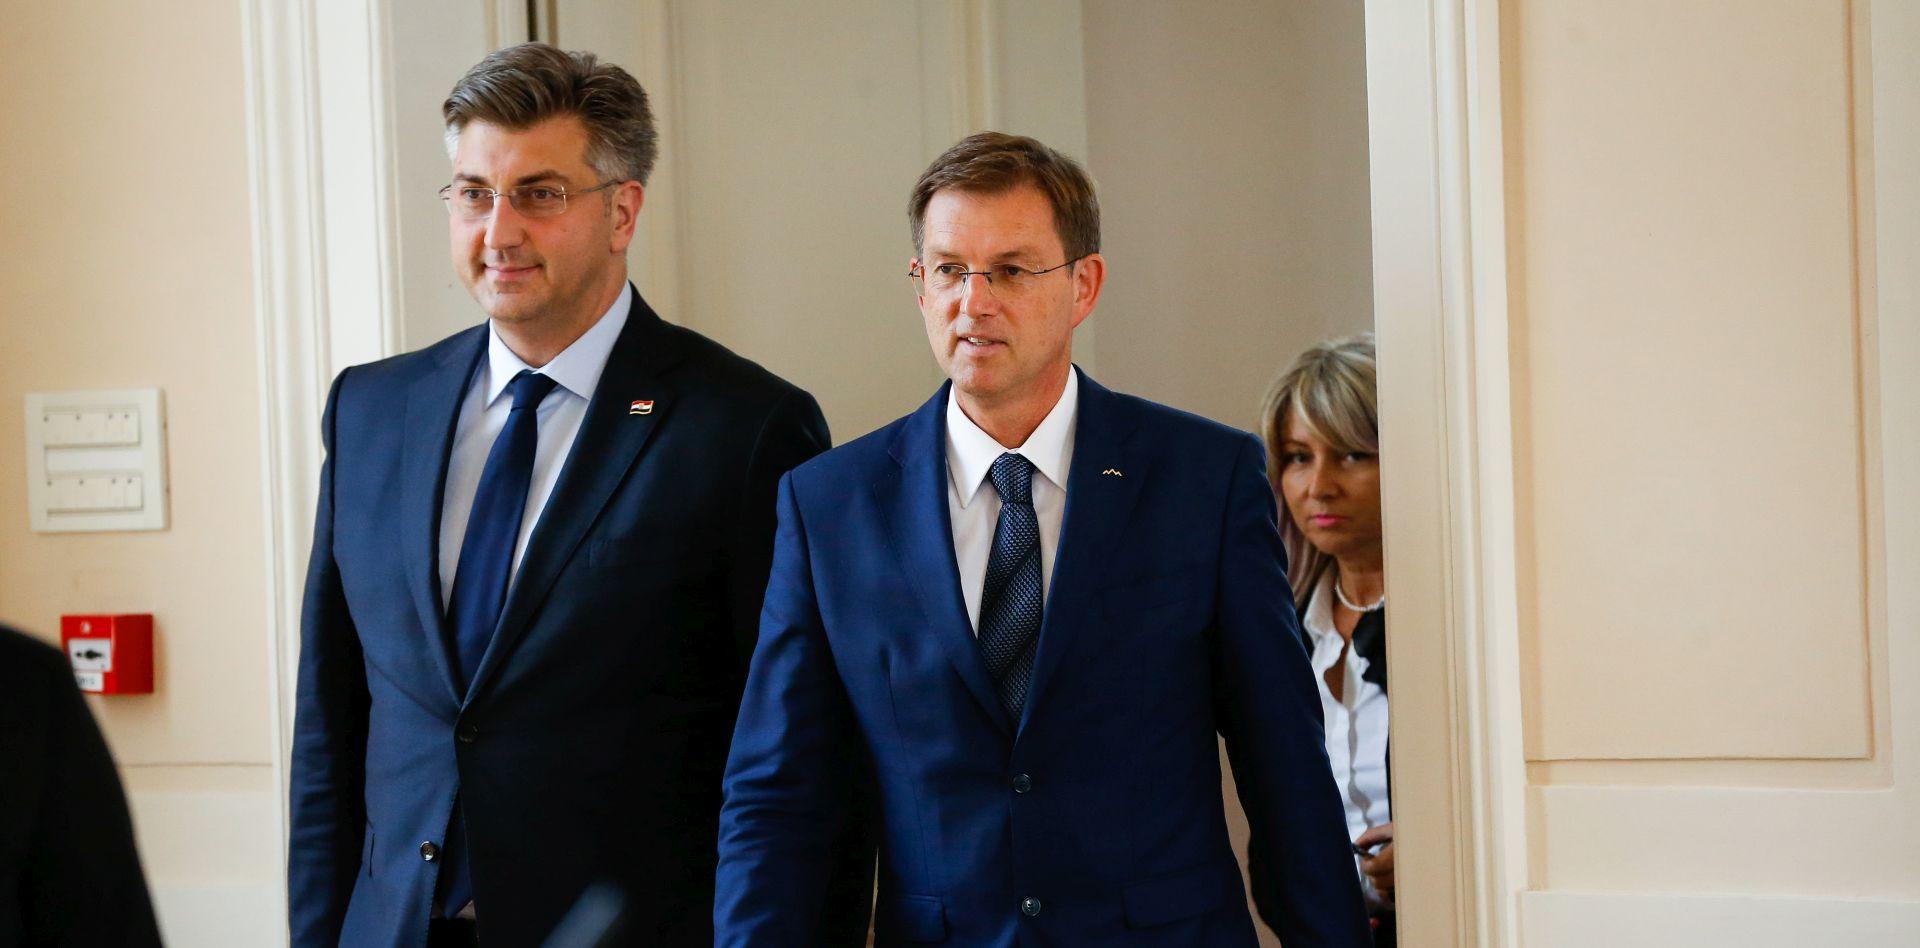 Koalicijski partneri upozorili Cerara da u Zagrebu bude oprezan